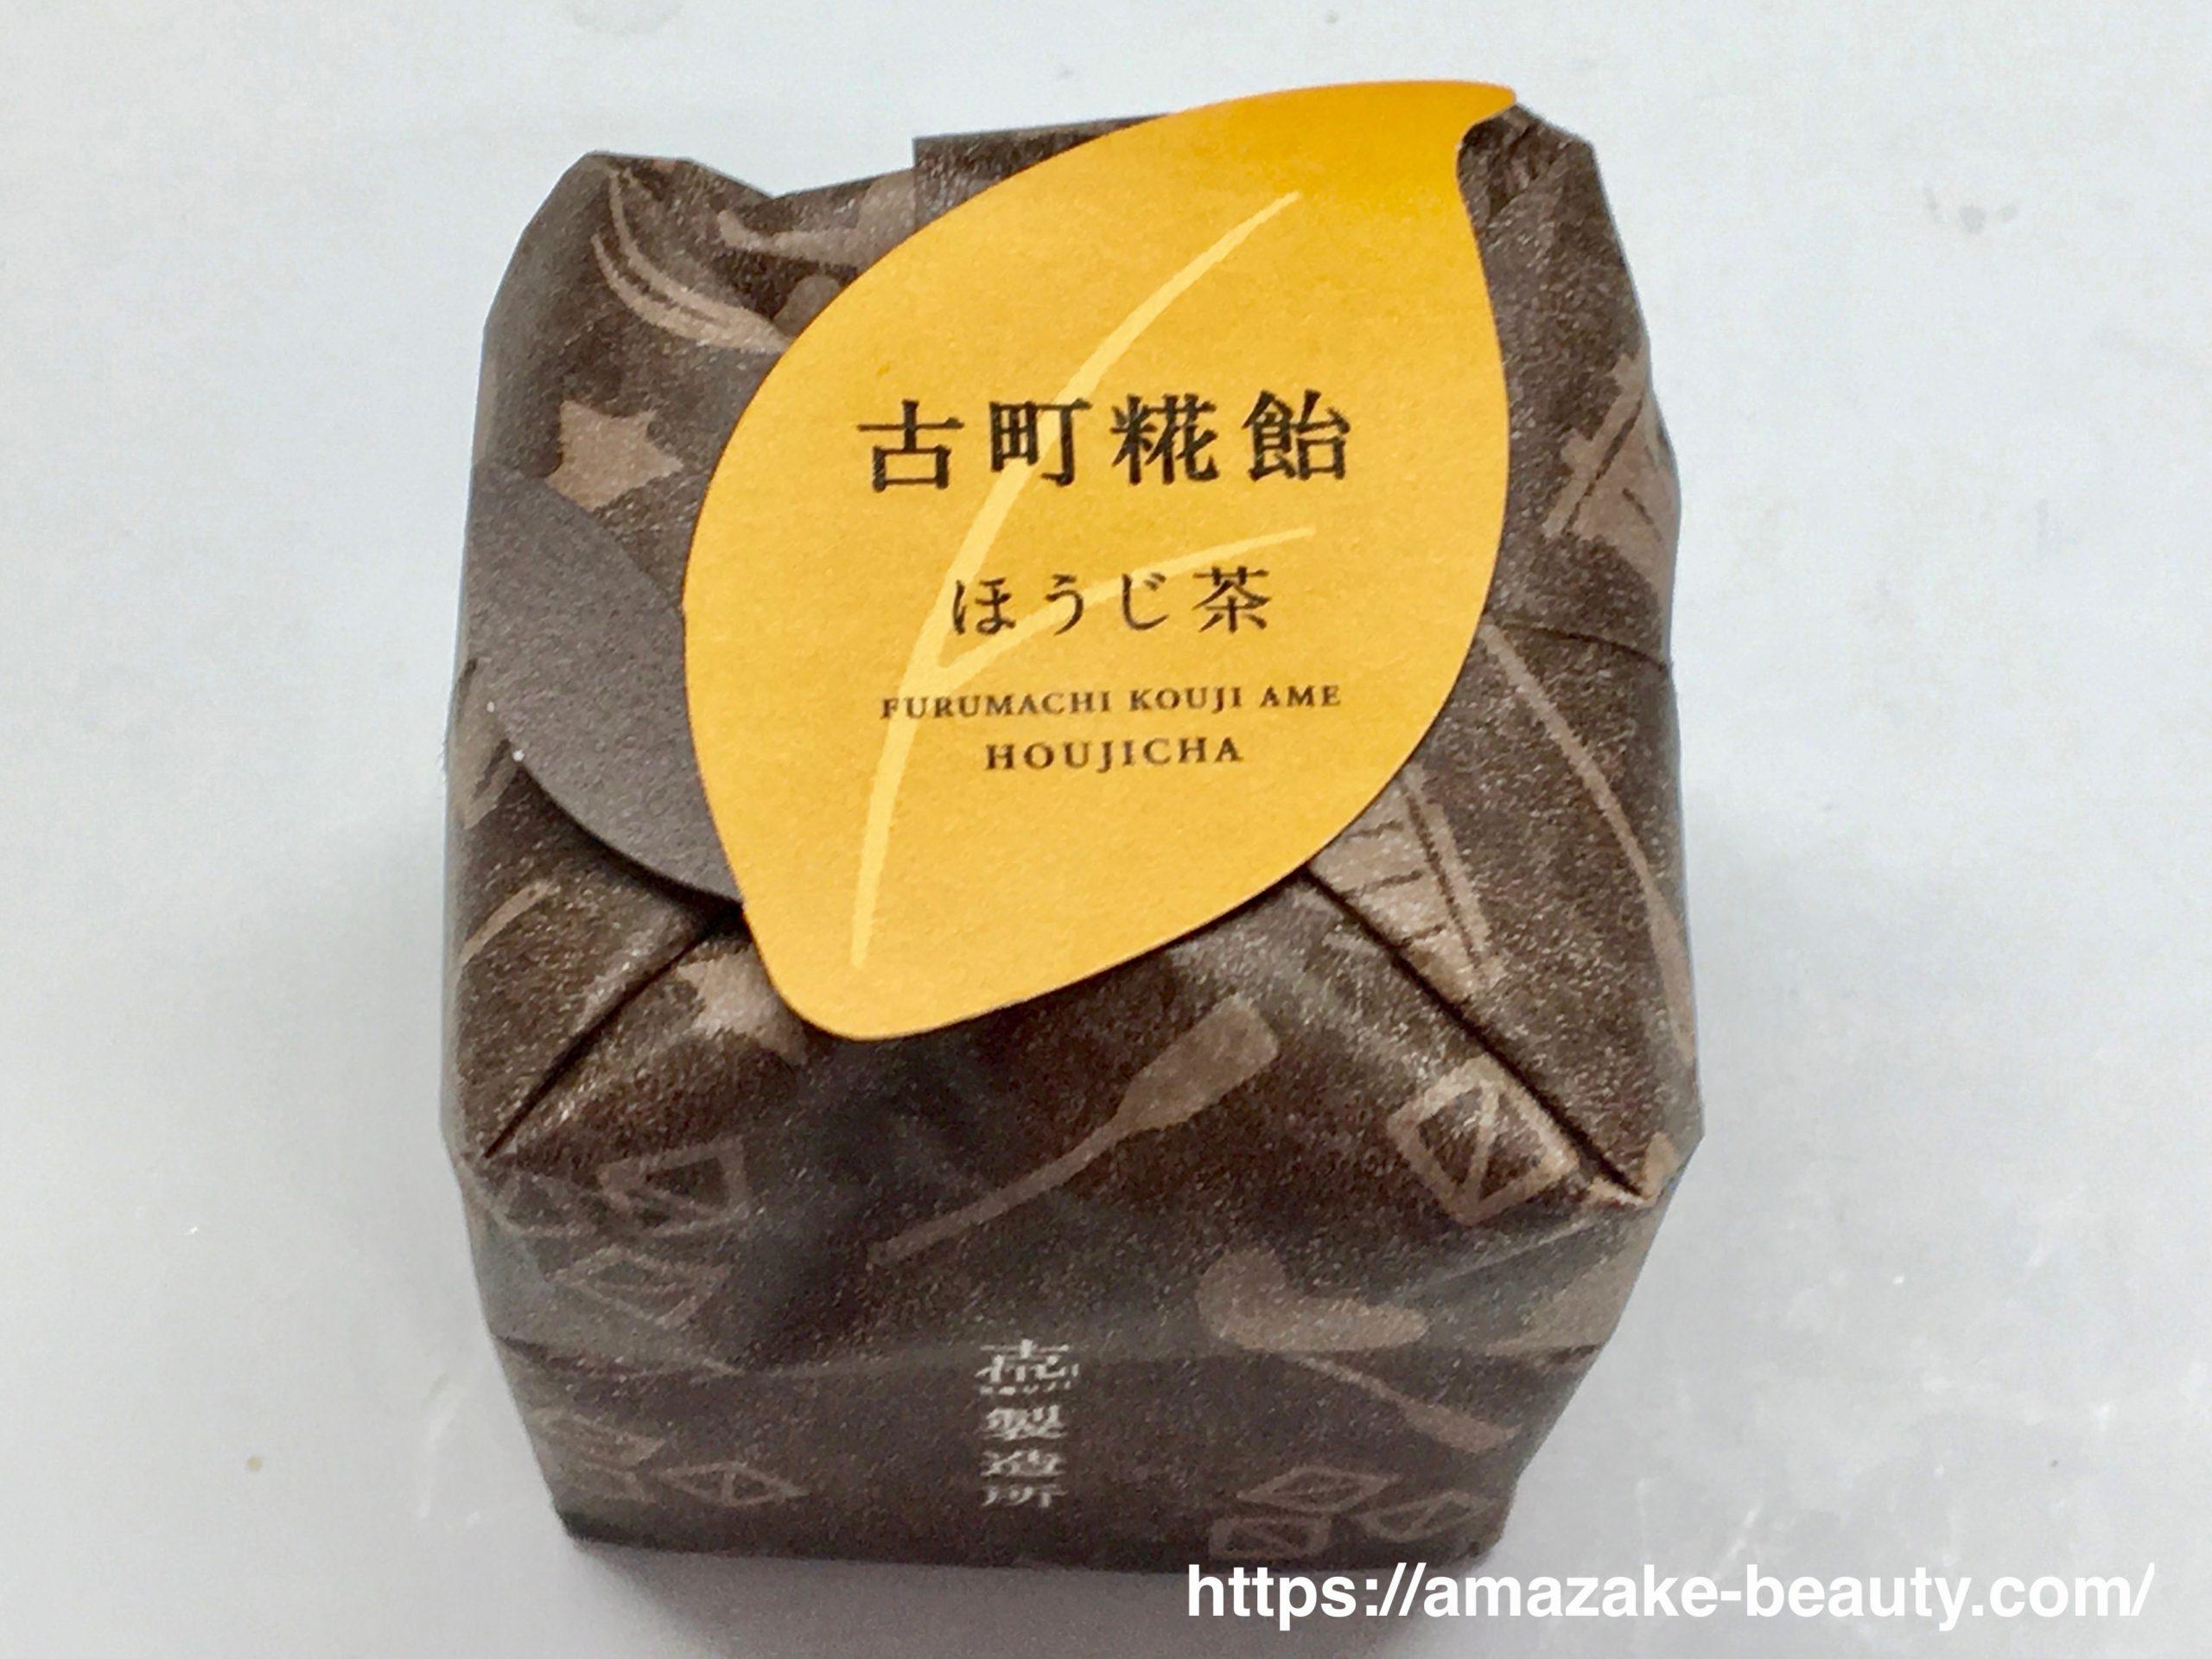 【甘酒甘味】古町糀製造所『古町糀飴(ほうじ茶)』